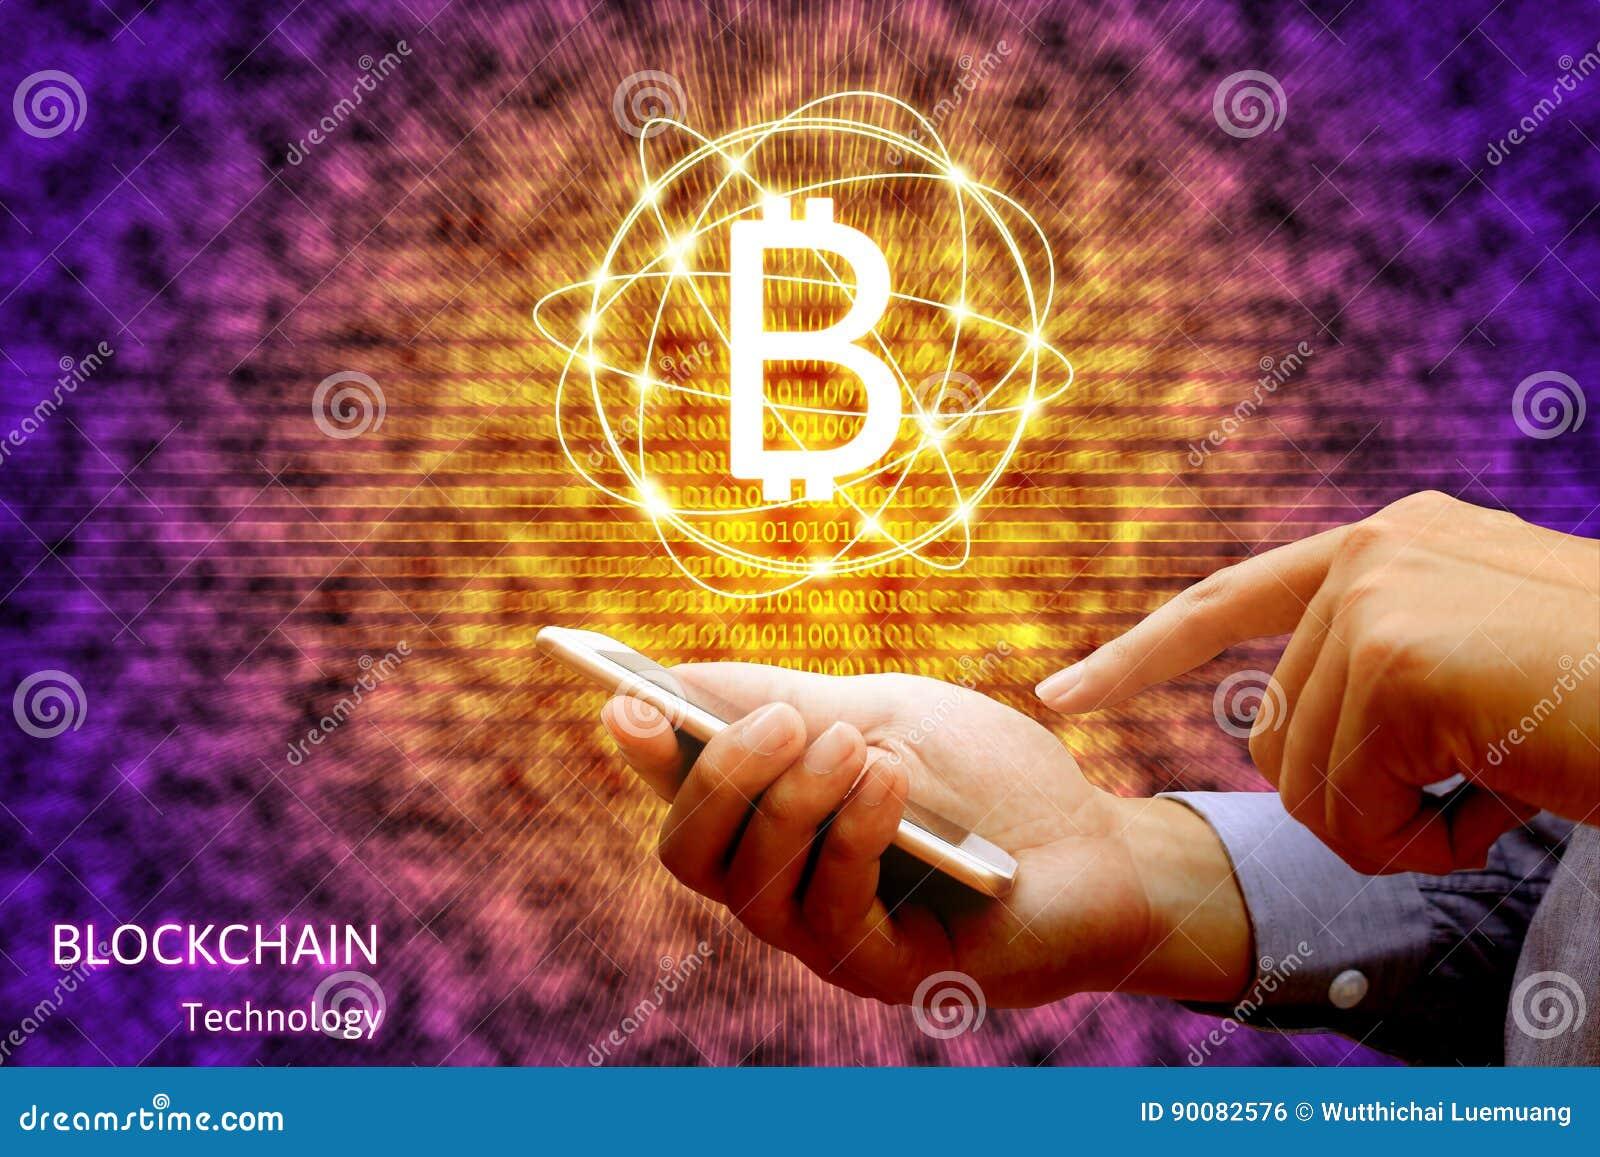 Concepto de la tecnología de Blockchain, hombre de negocios que sostiene smartphone